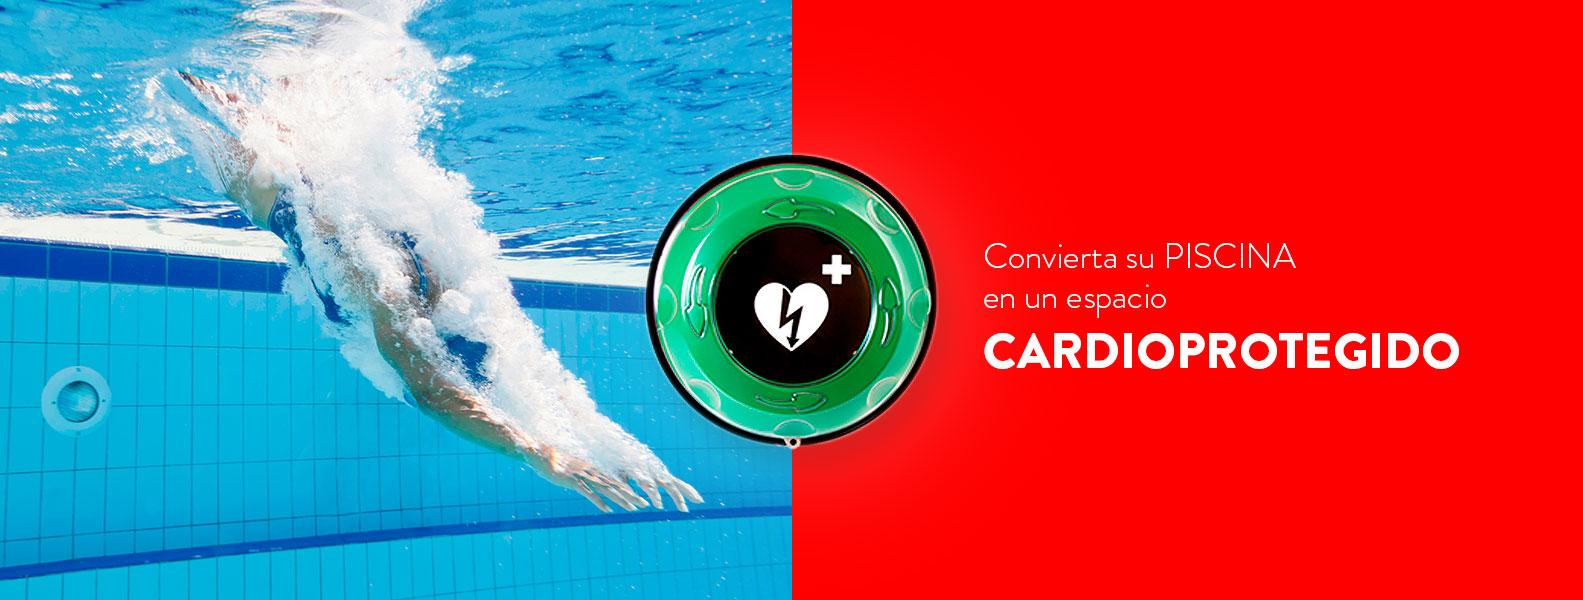 slides_cardiopas__piscina